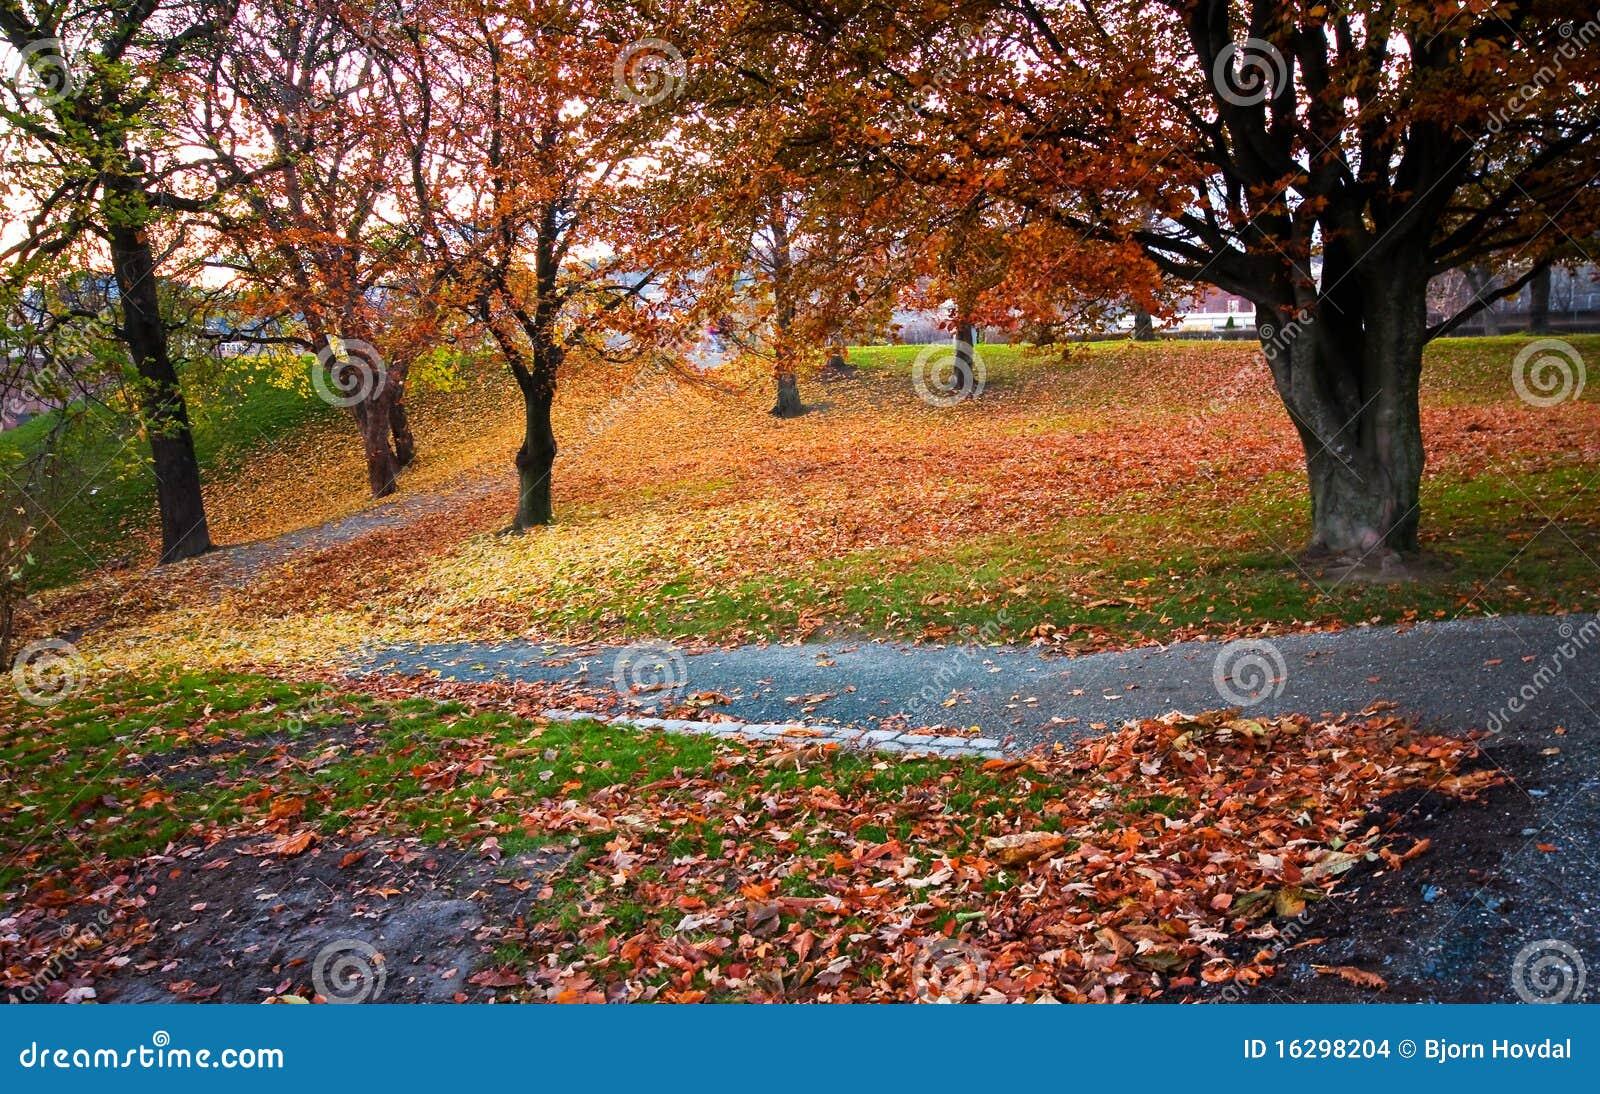 Download Höstpark arkivfoto. Bild av utomhus, säsongsbetonat, säsong - 16298204